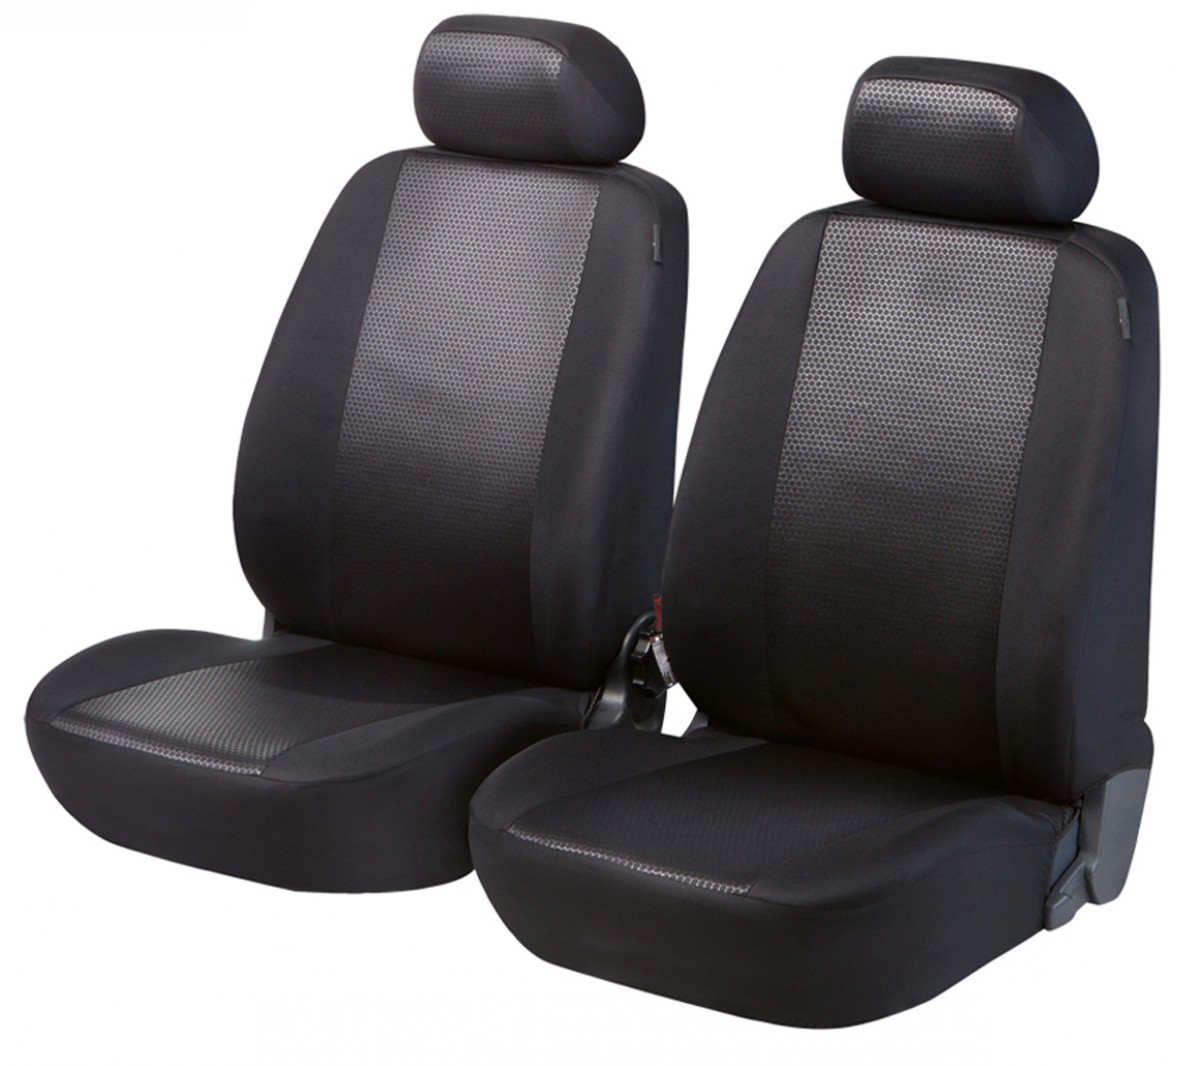 Schwarze Sitzbezüge für FORD KUGA Autositzbezug Komplett